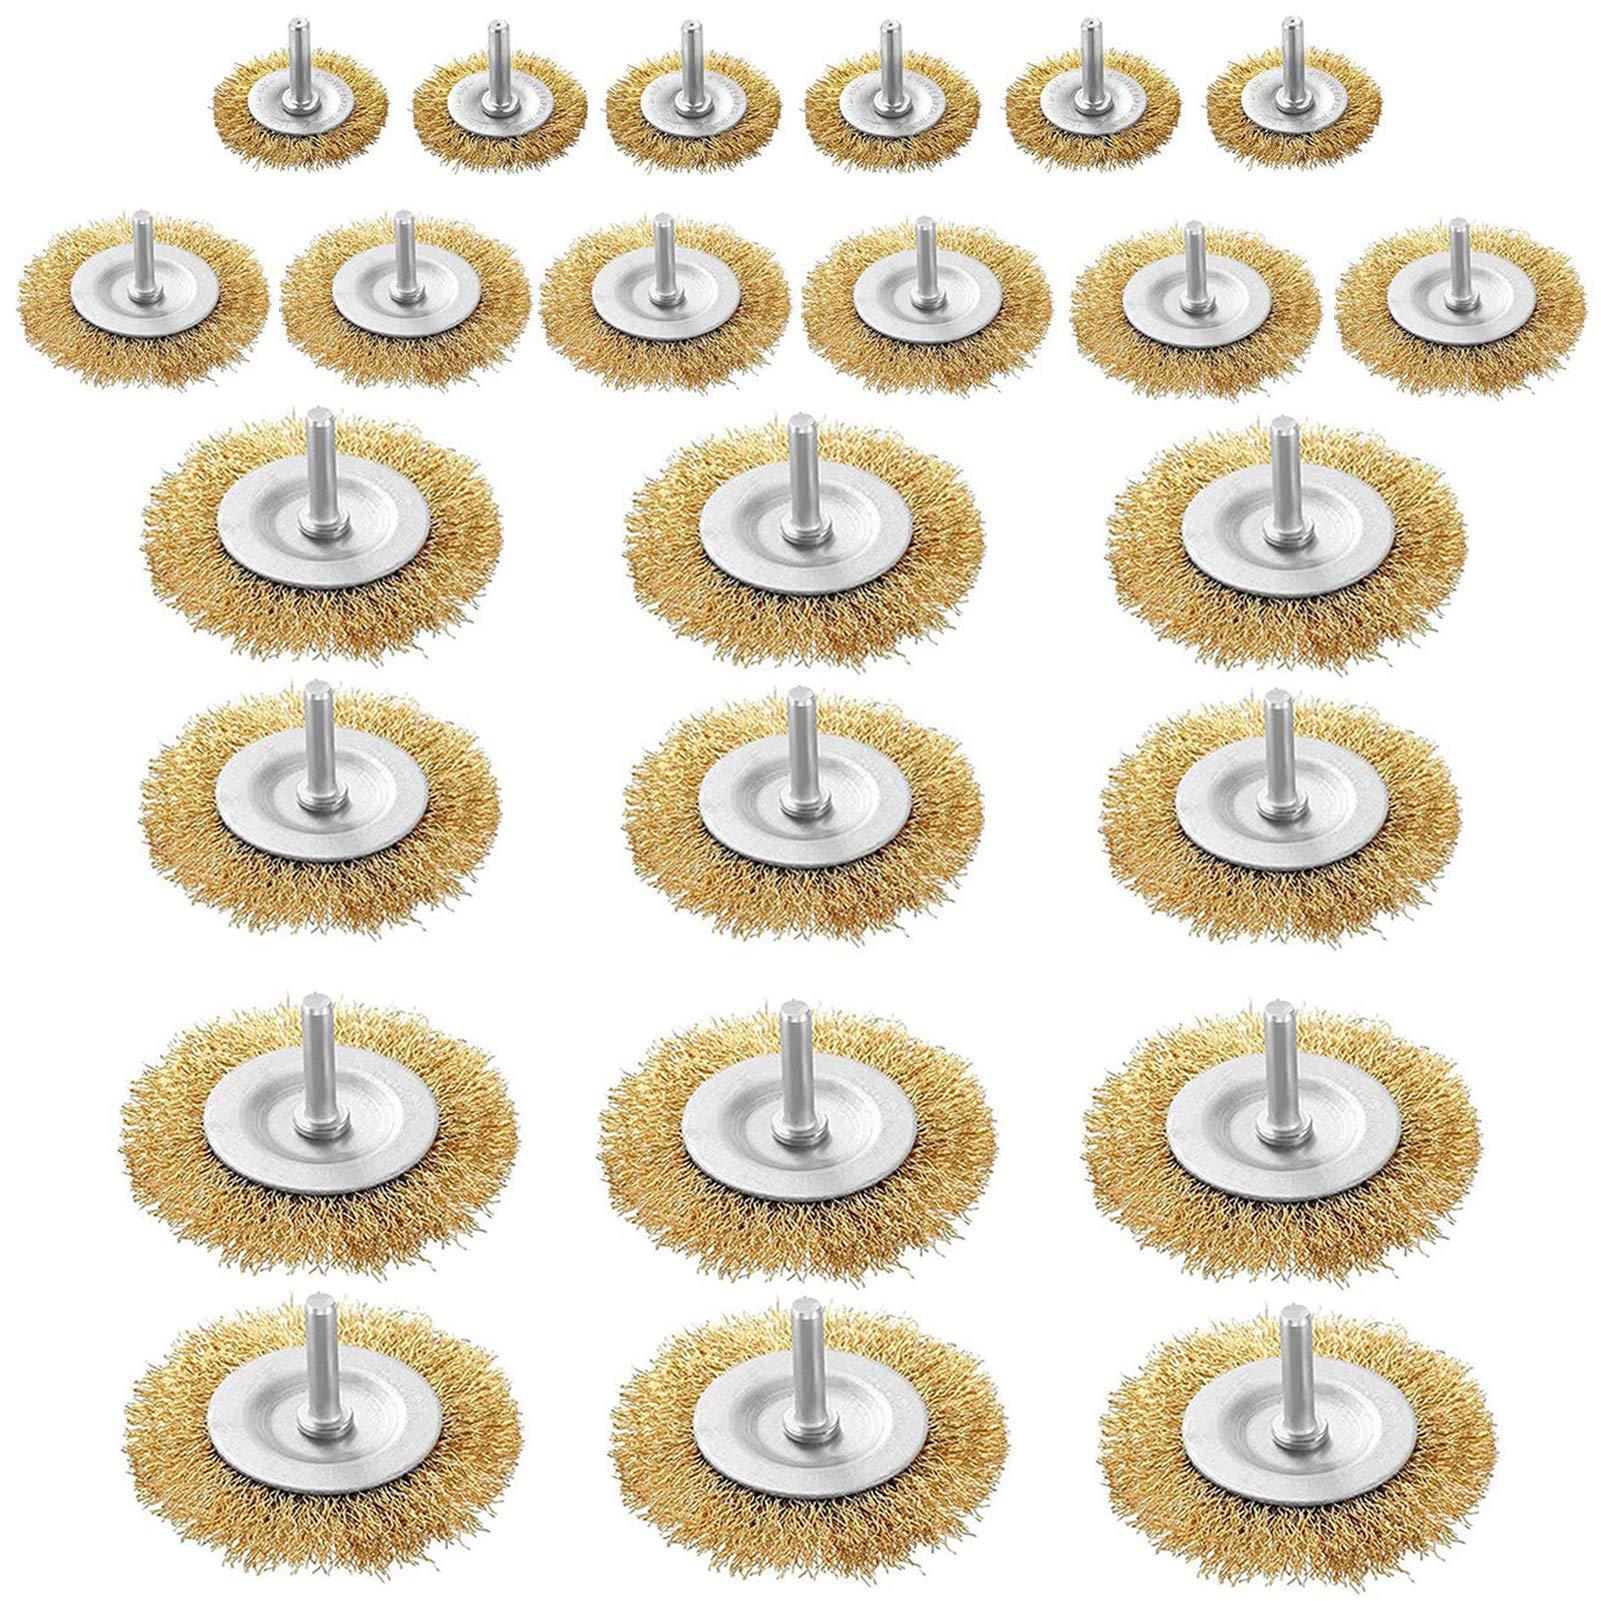 24 cepillos de rueda para taladro de alambre - vástago 6mm